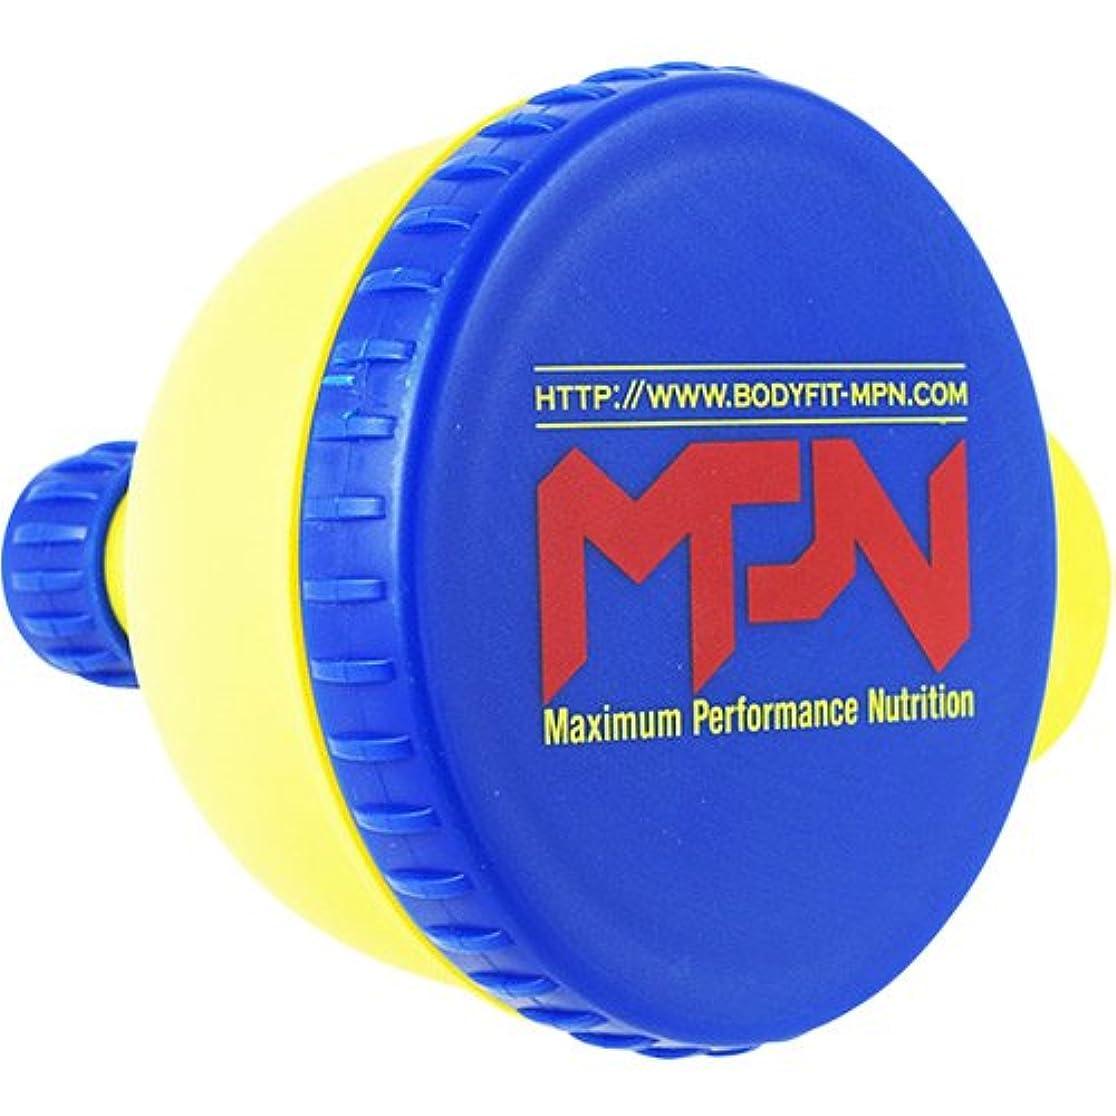 プラスチックヒステリック話ボディフィット MPN ファンネル 粉末サプリメント小分け携帯用漏斗